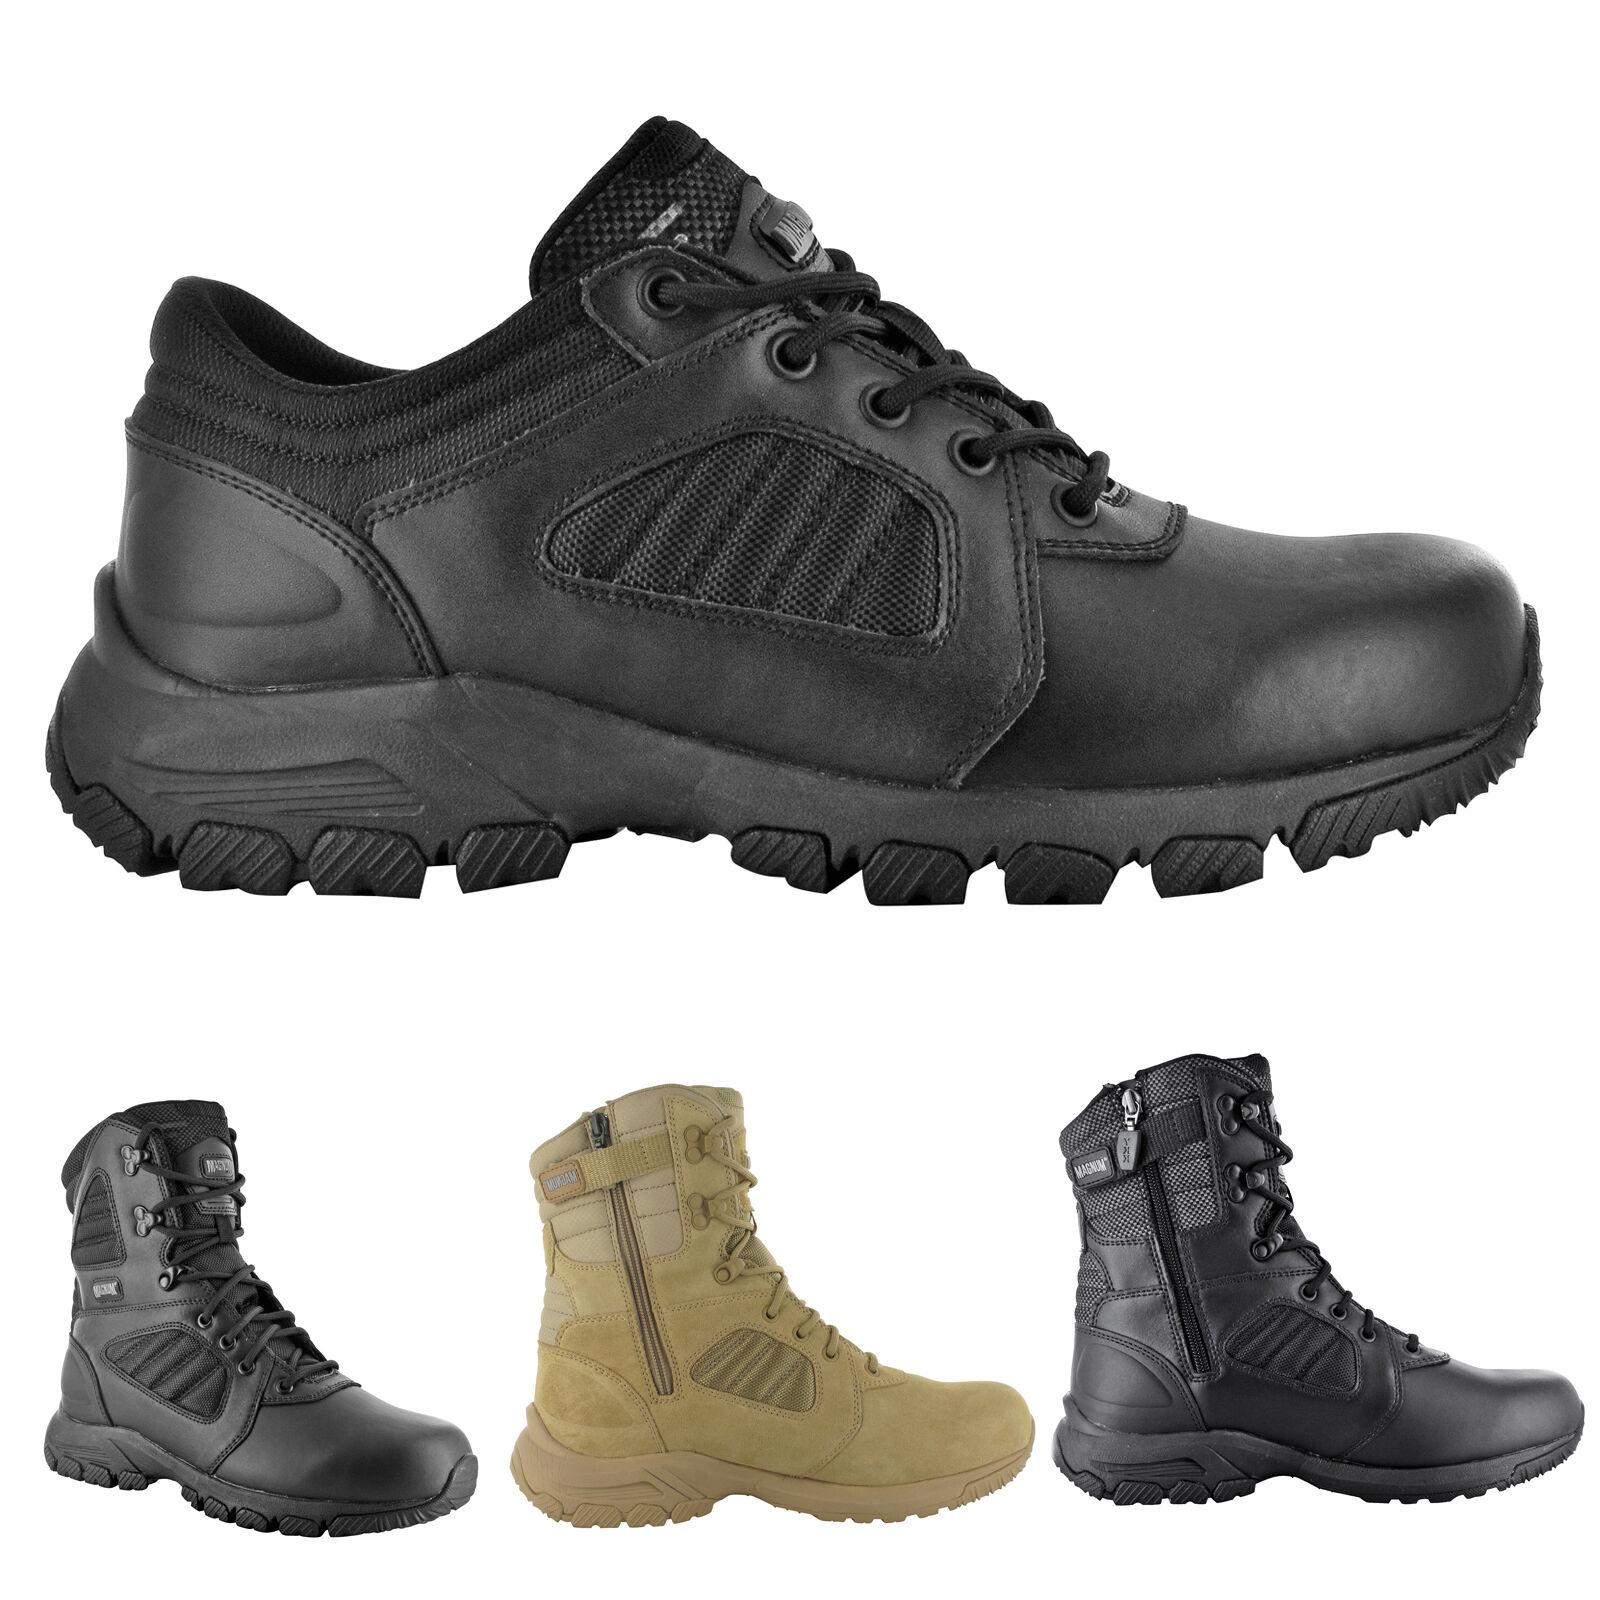 Hi-tec-Magnum Lynx zapatos caballero Boots Ranger Security policía paintball nuevo